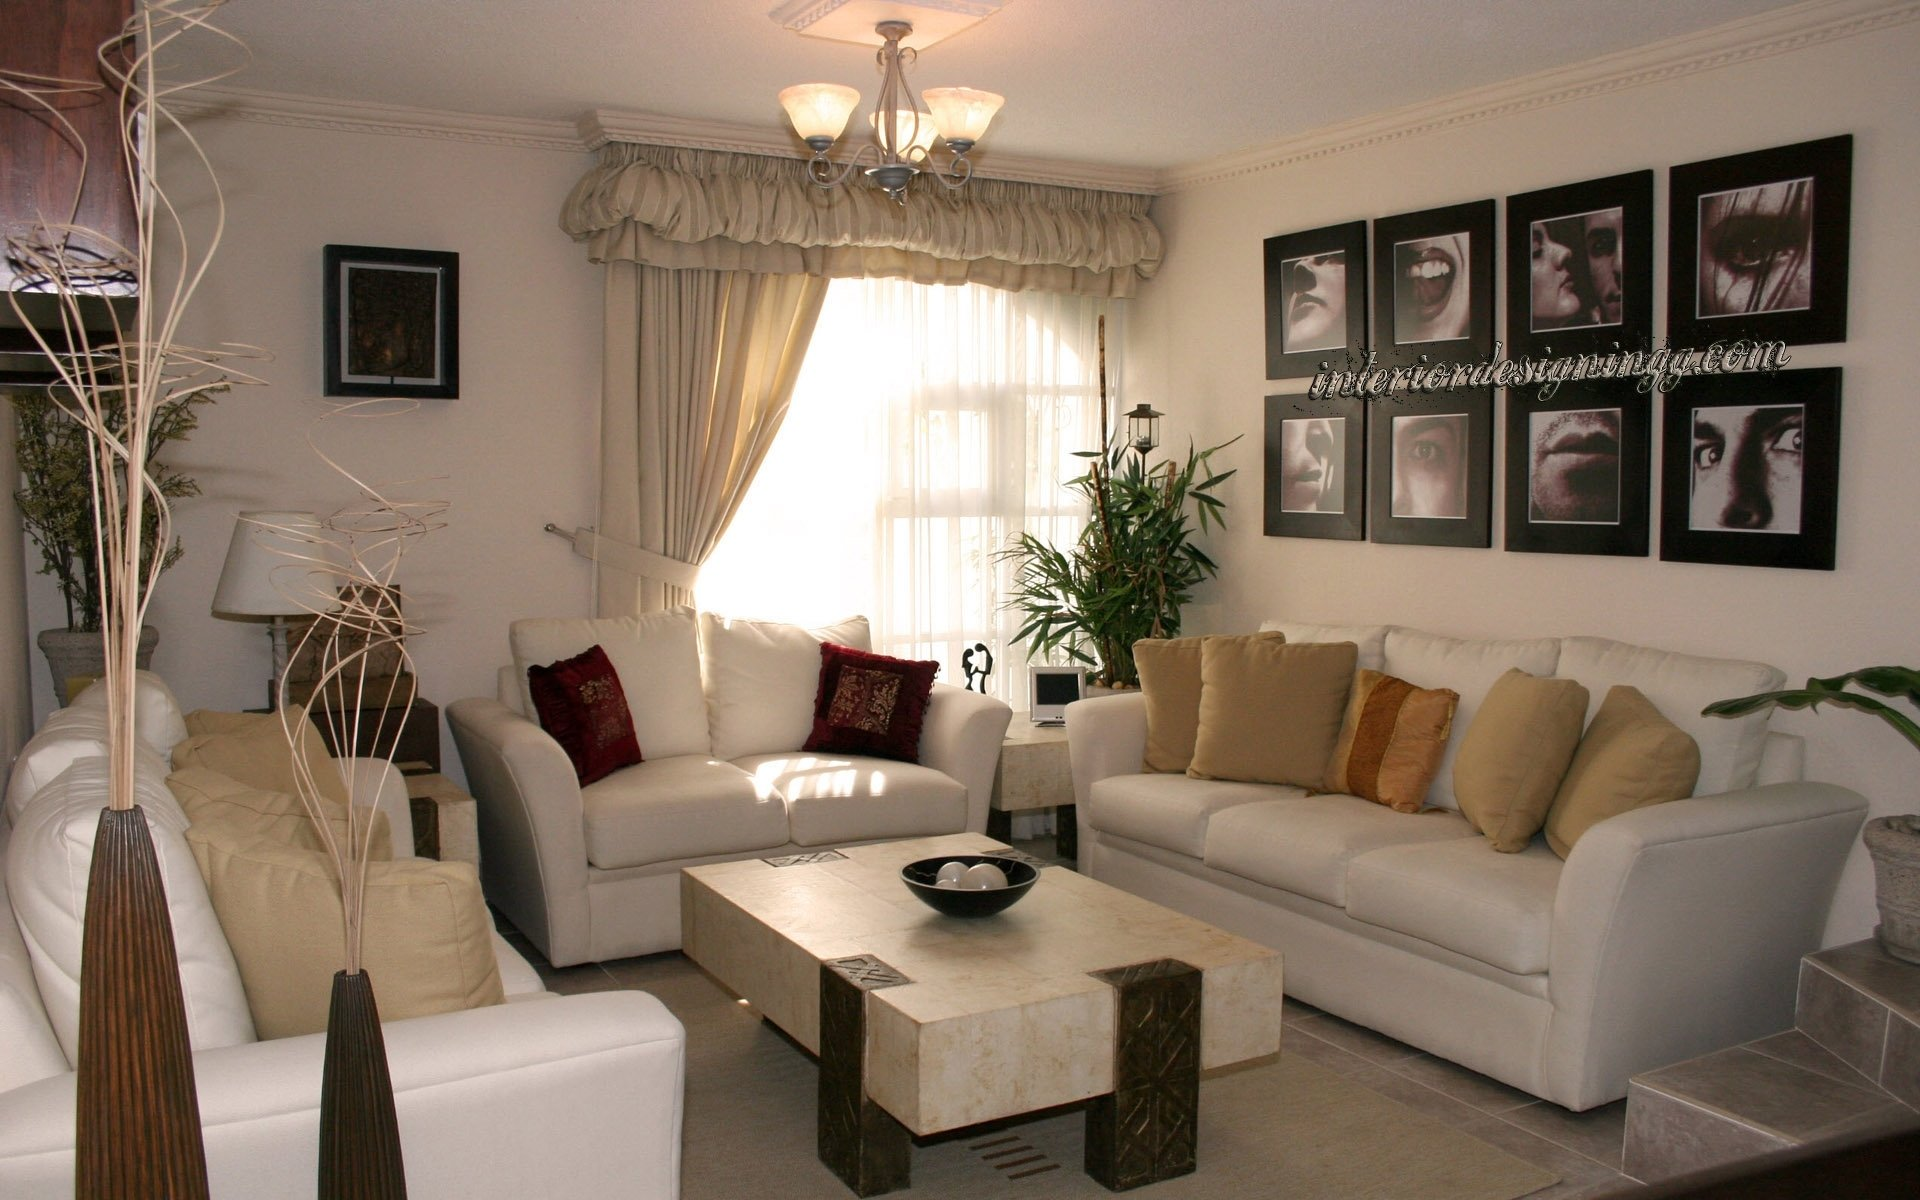 decor ideas living room inspiration home decoration interior design